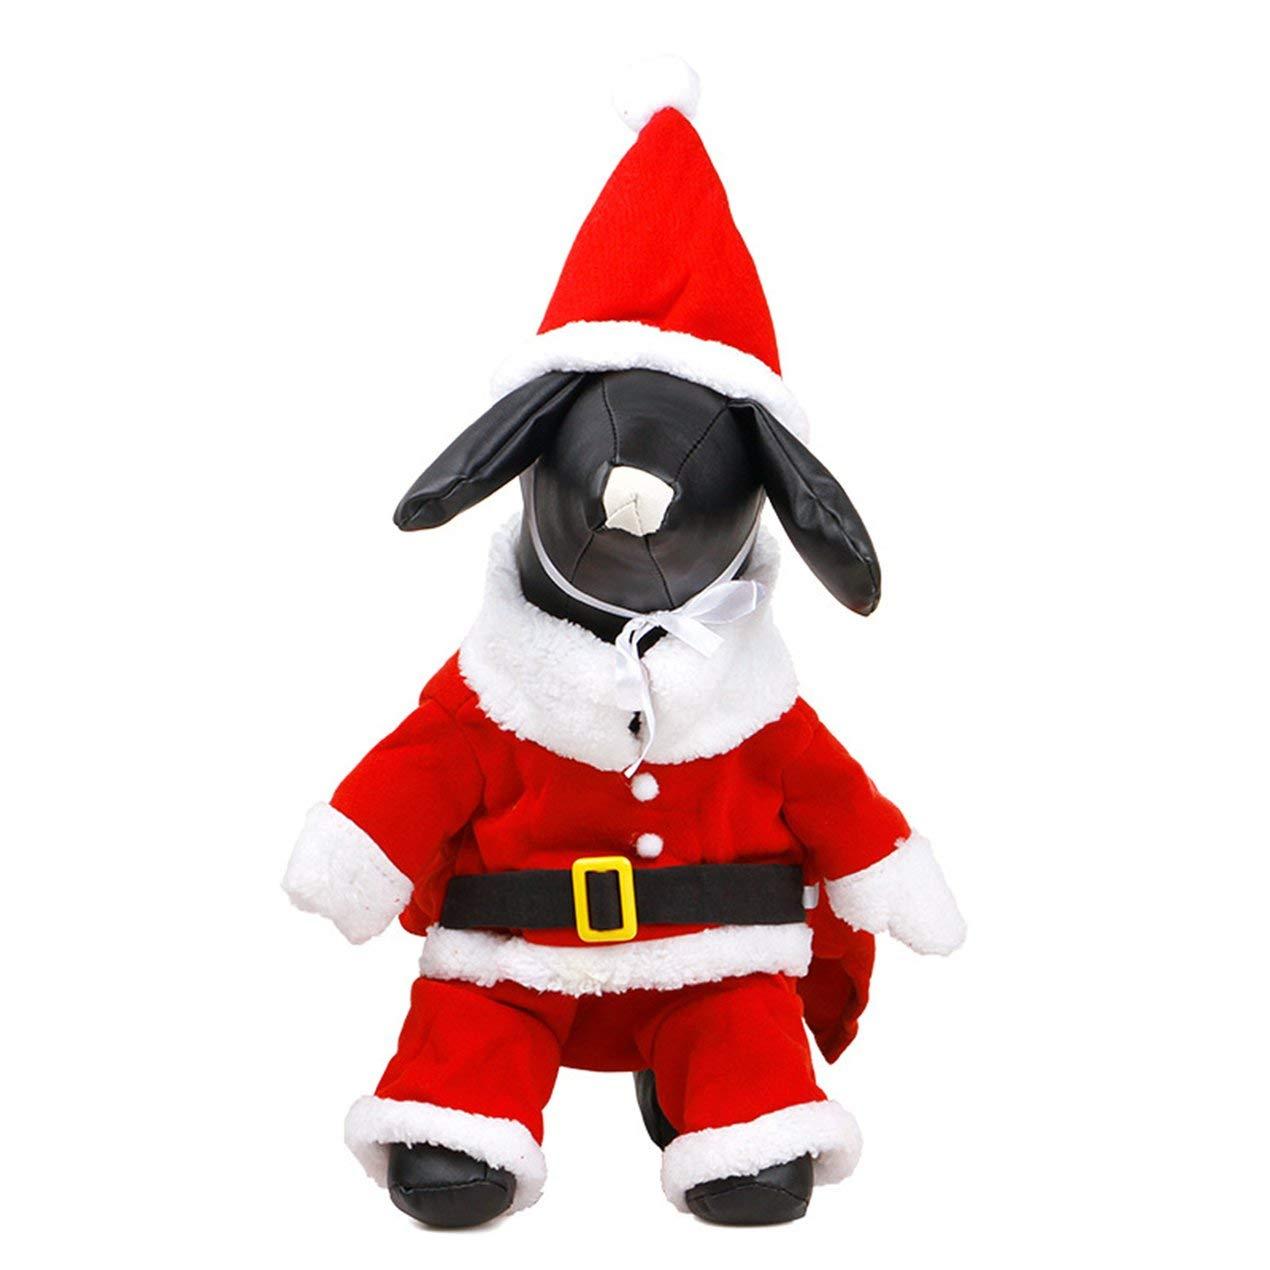 Dooret Weihnachtsmann verwandelte Sich in eine Hundekleidung Teddy Bear Herbst und Winter Party warme Haustierkleidung